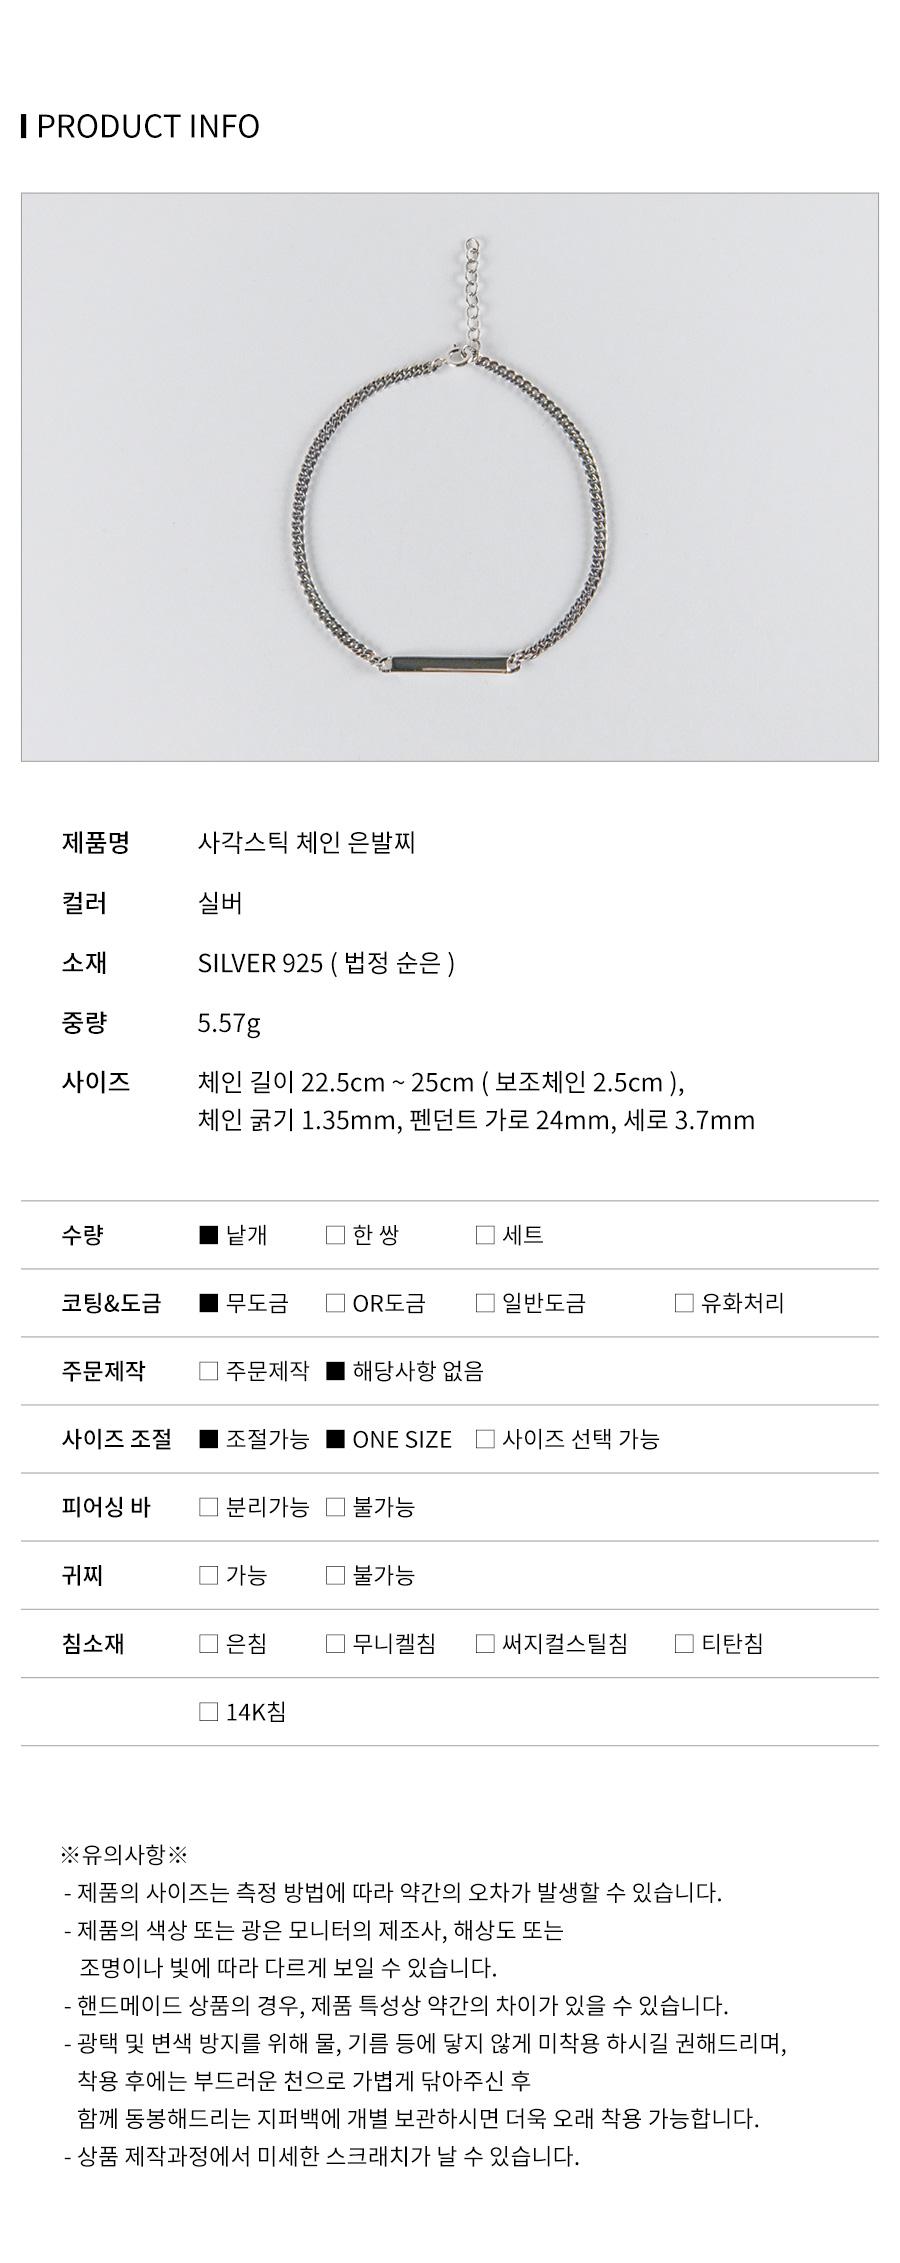 사각스틱 체인 은발찌 - 데일리유니크, 43,900원, 발찌, 패션발찌